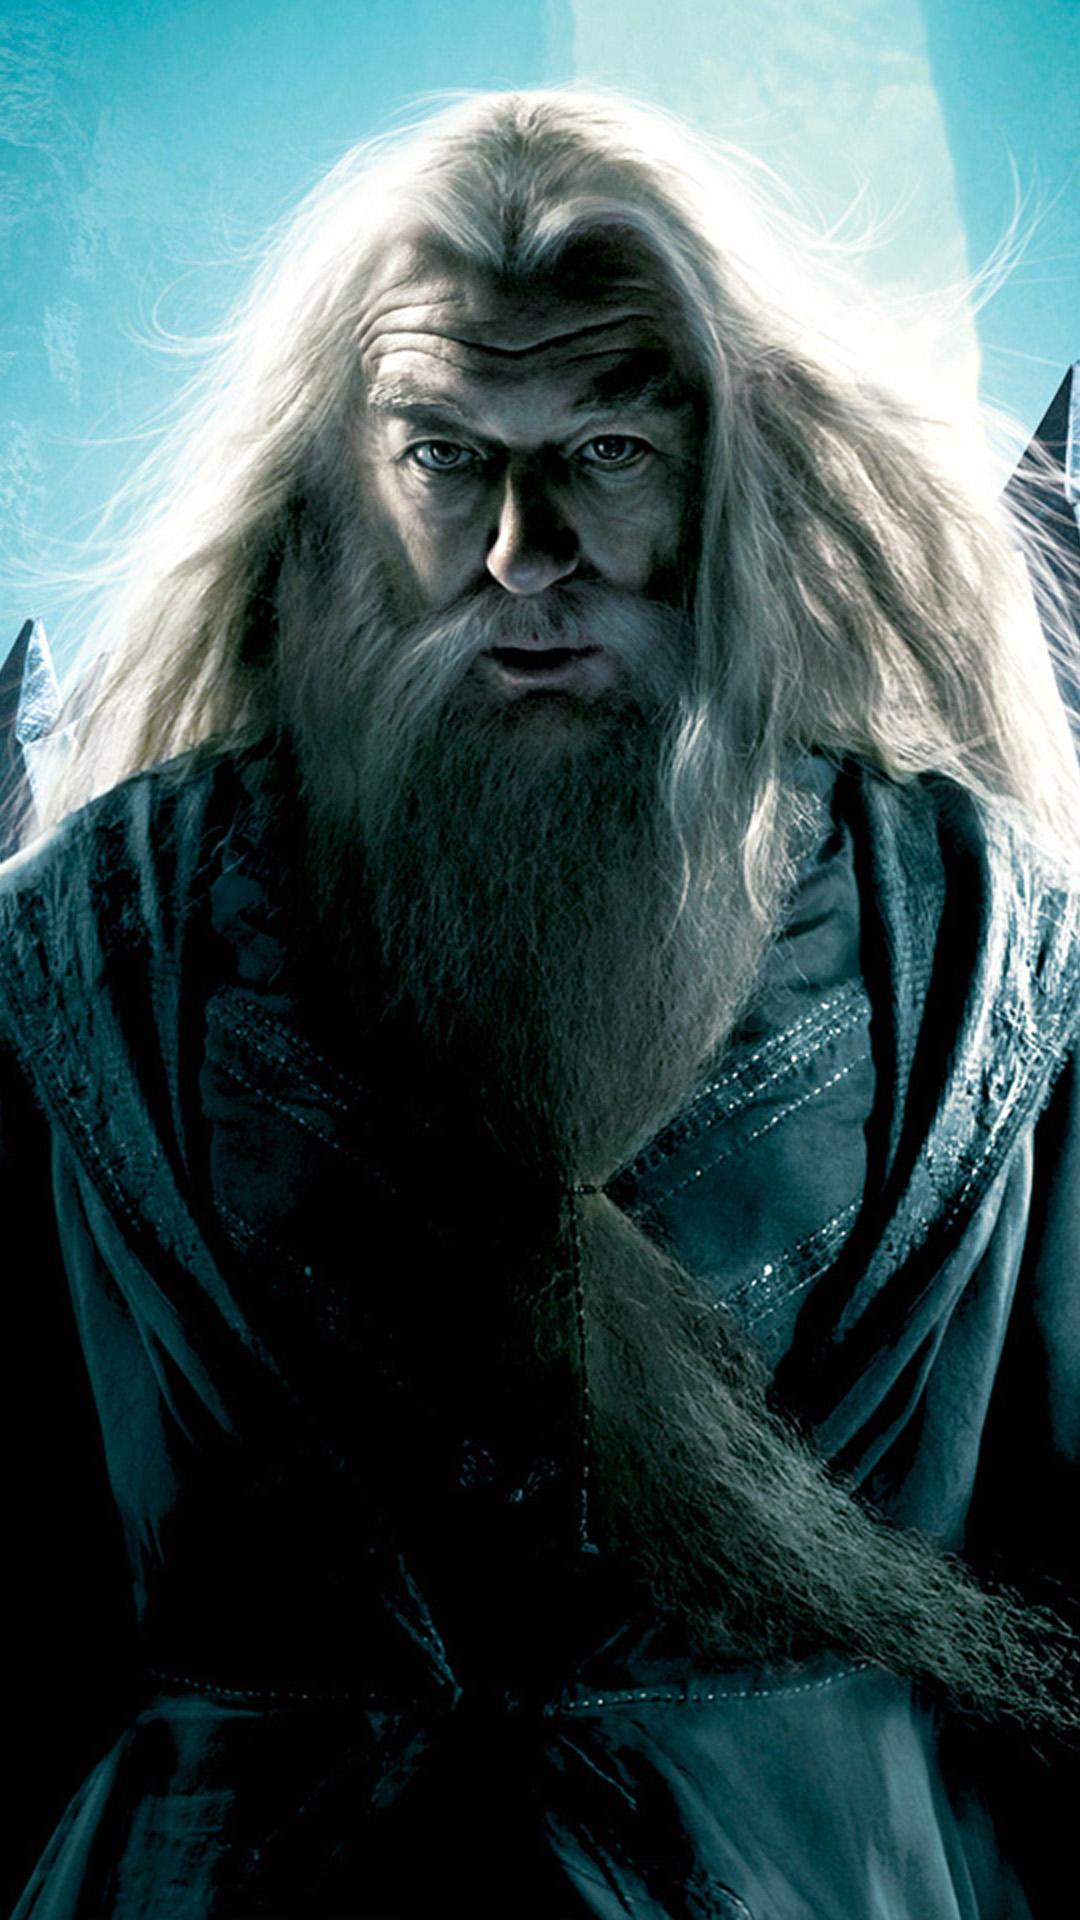 Dumbledore Quotes Wallpaper Hd Harry Potter Iphone Wallpaper Pixelstalk Net